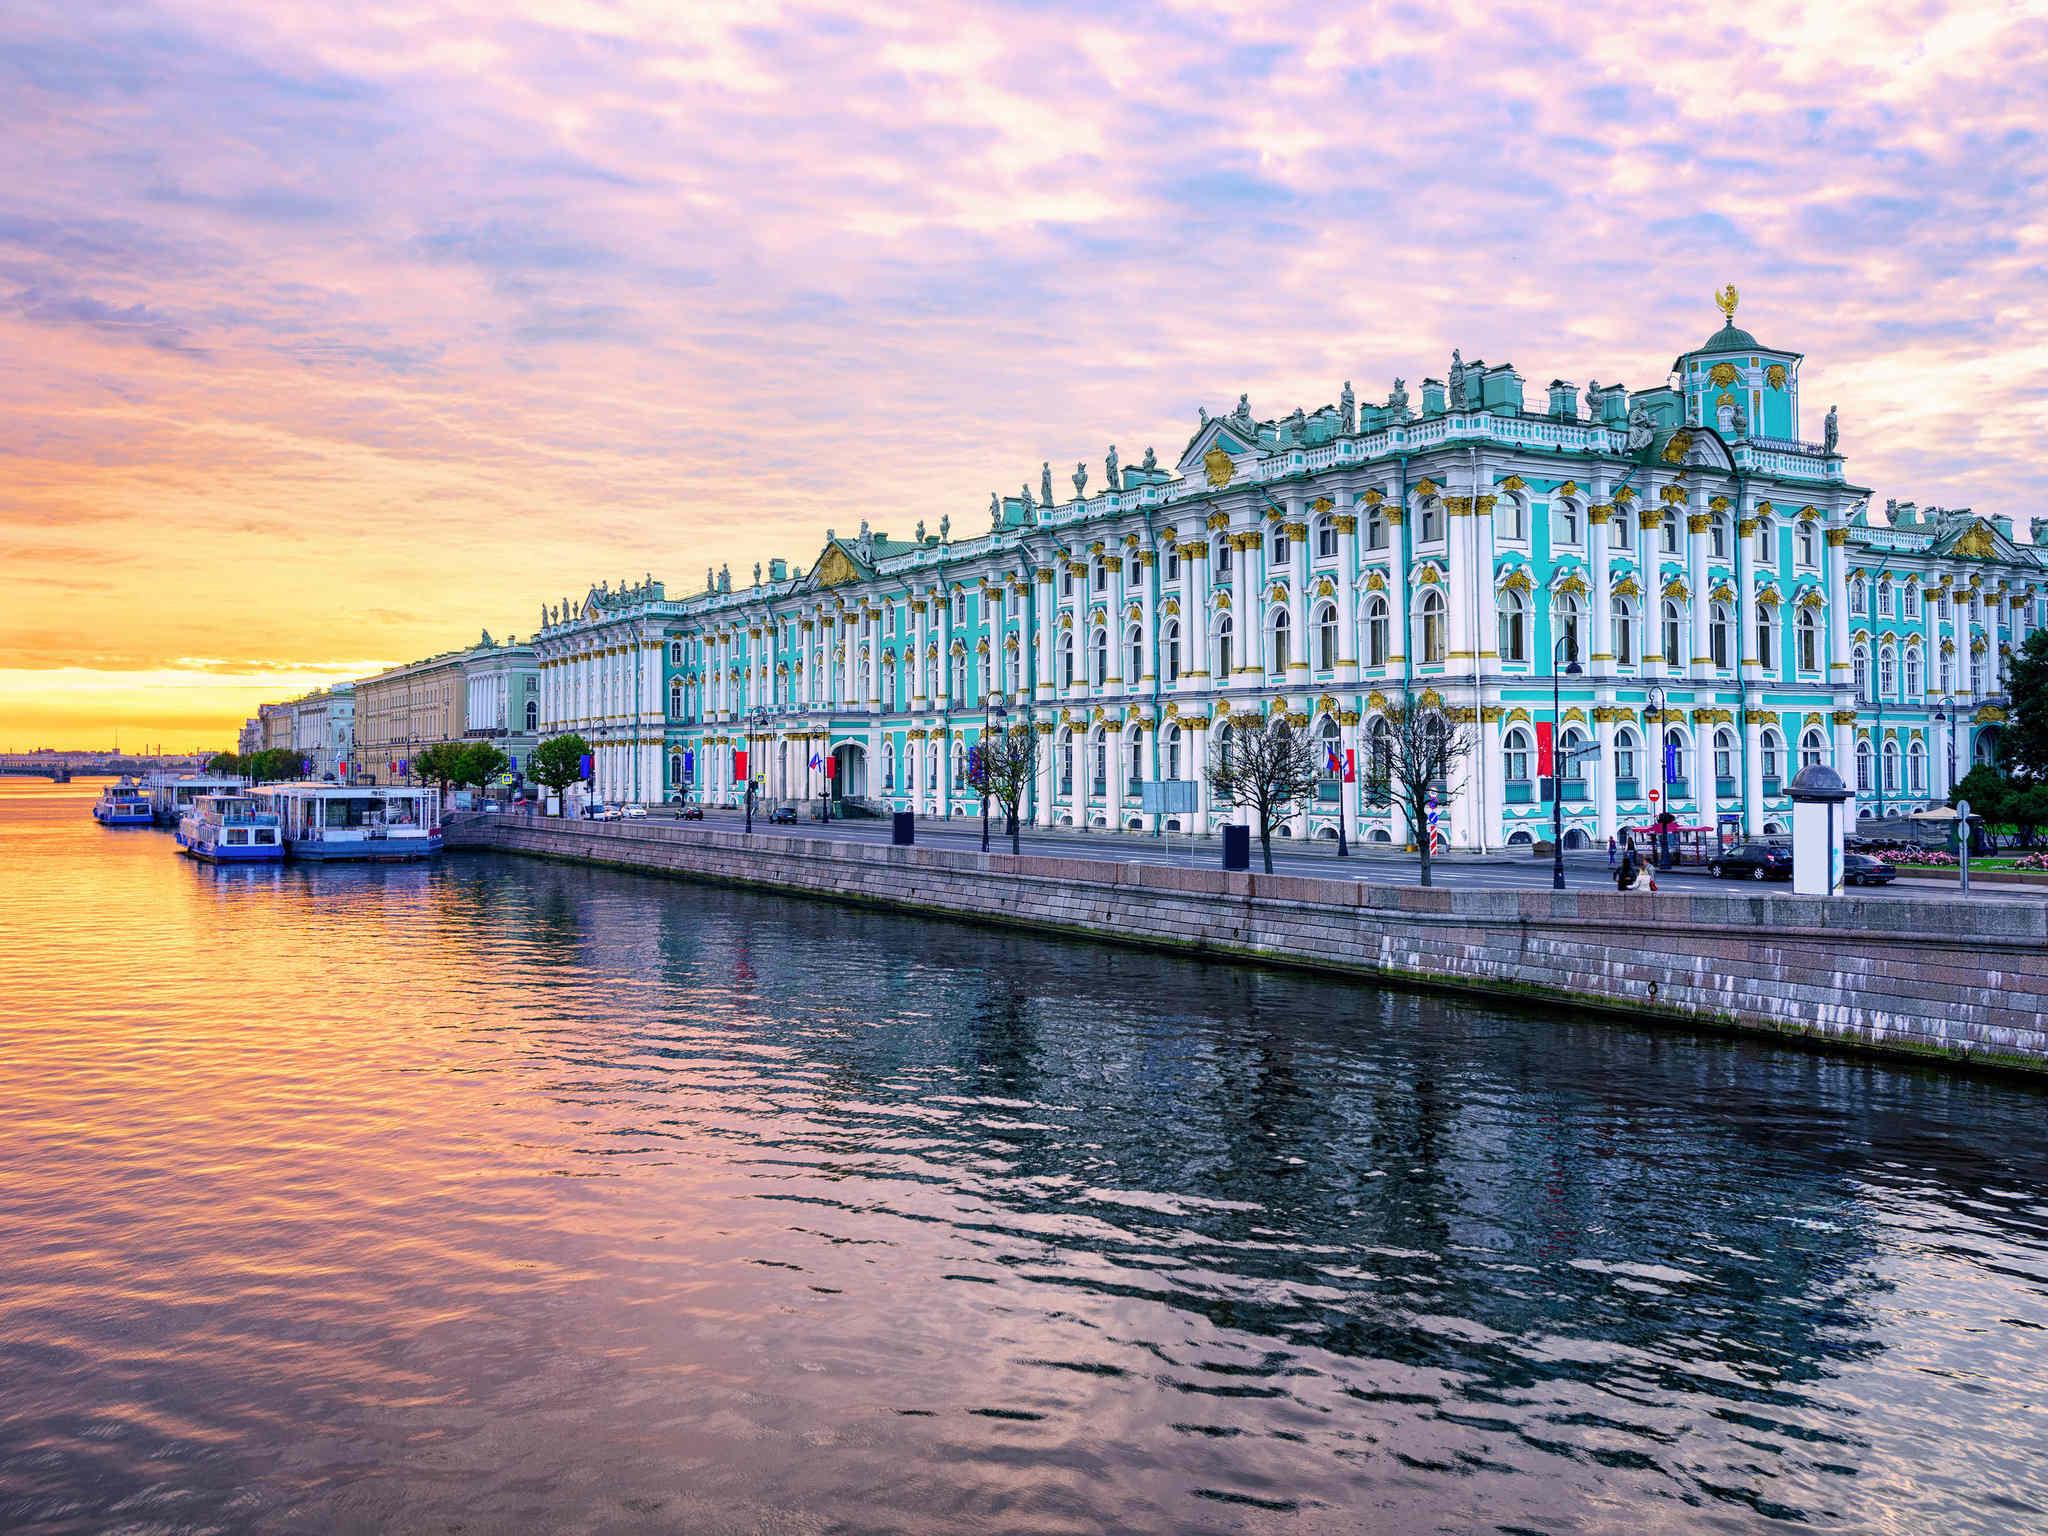 サンクトペテルブルク ホテル イビスサンクトペテルブルクセンター